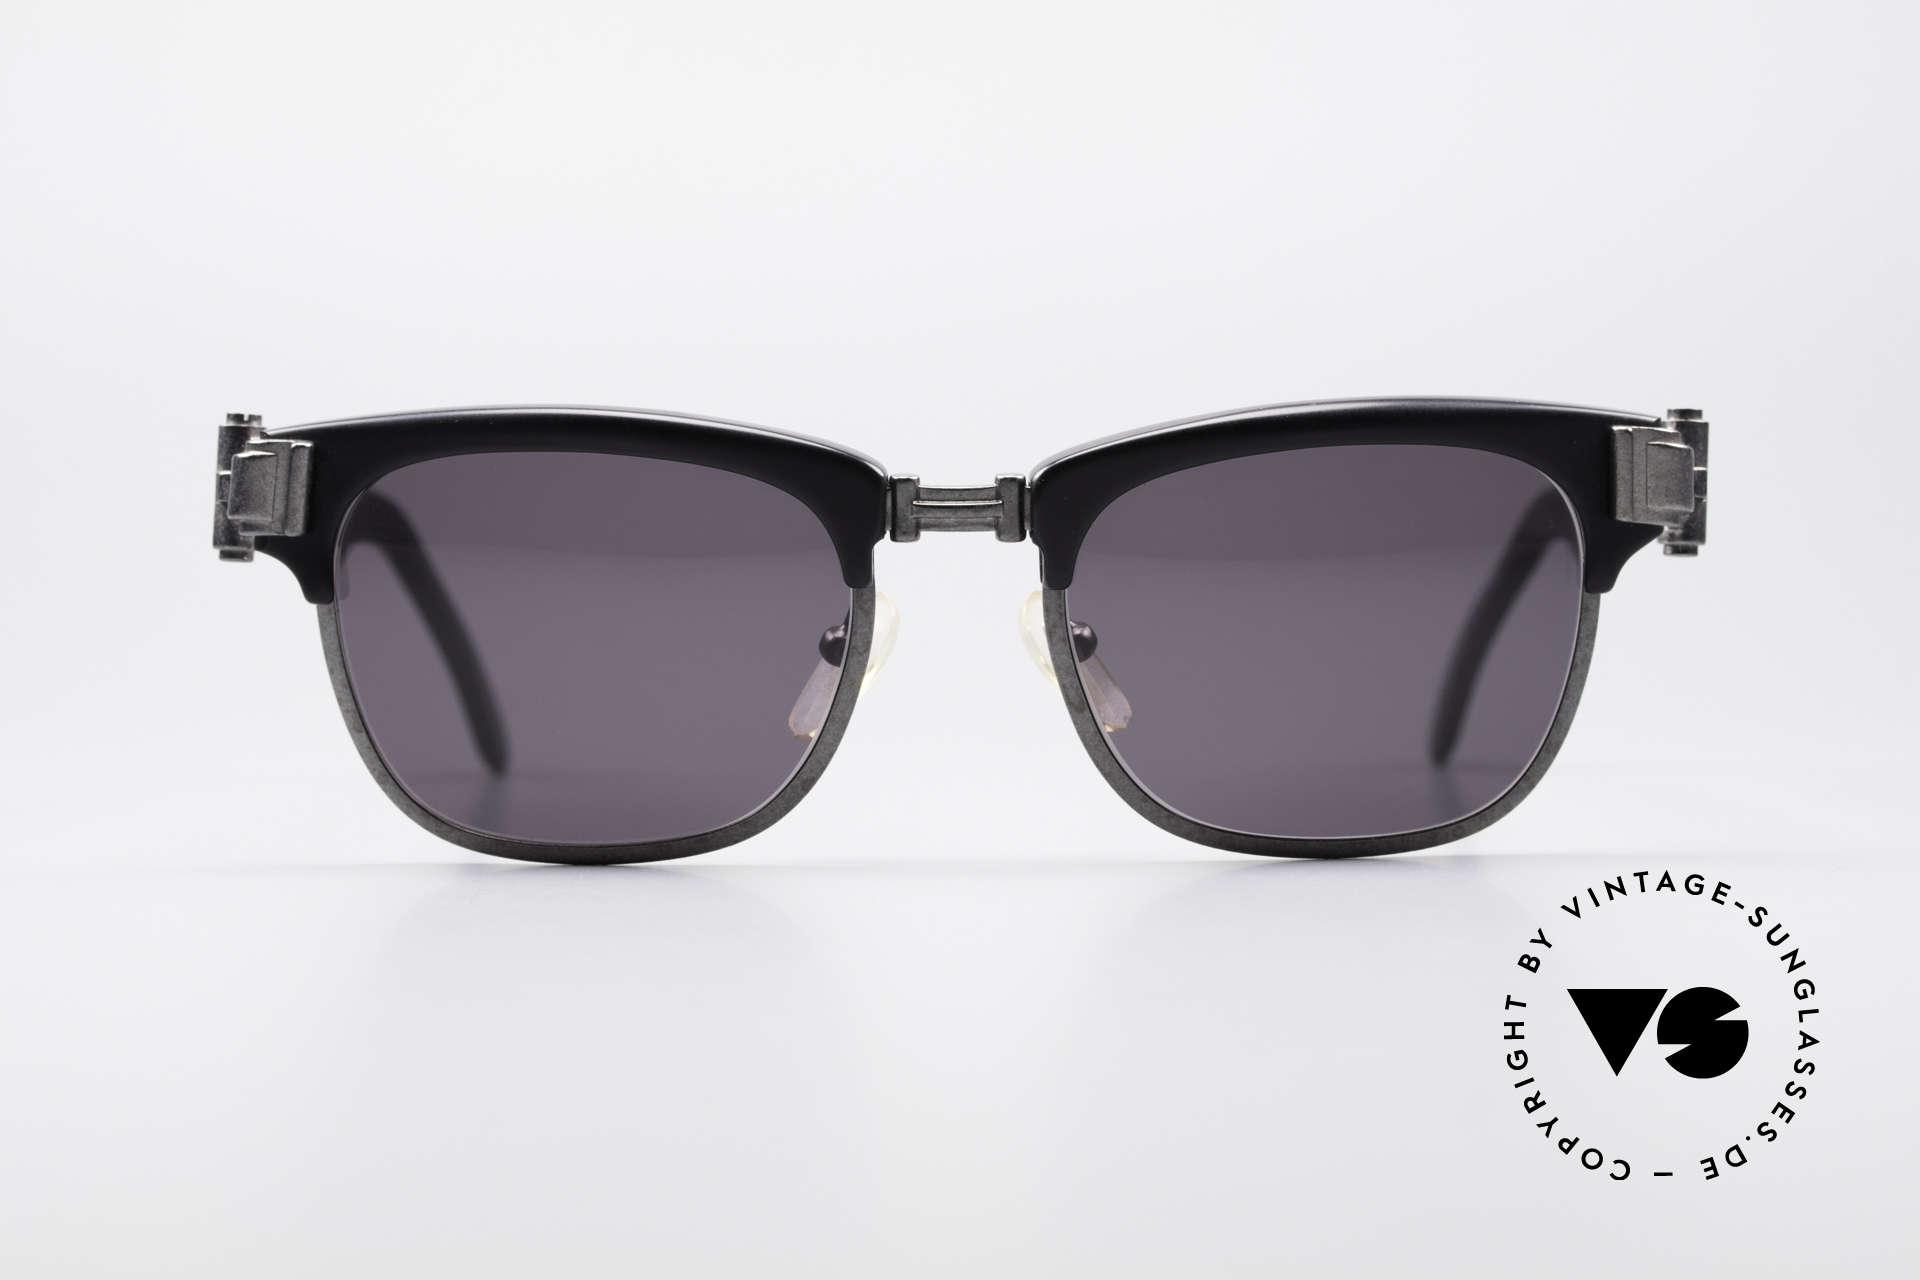 Jean Paul Gaultier 56-5202 90er Designer Sonnenbrille, Bügelansätze in Form von massiven Türscharnieren, Passend für Herren und Damen